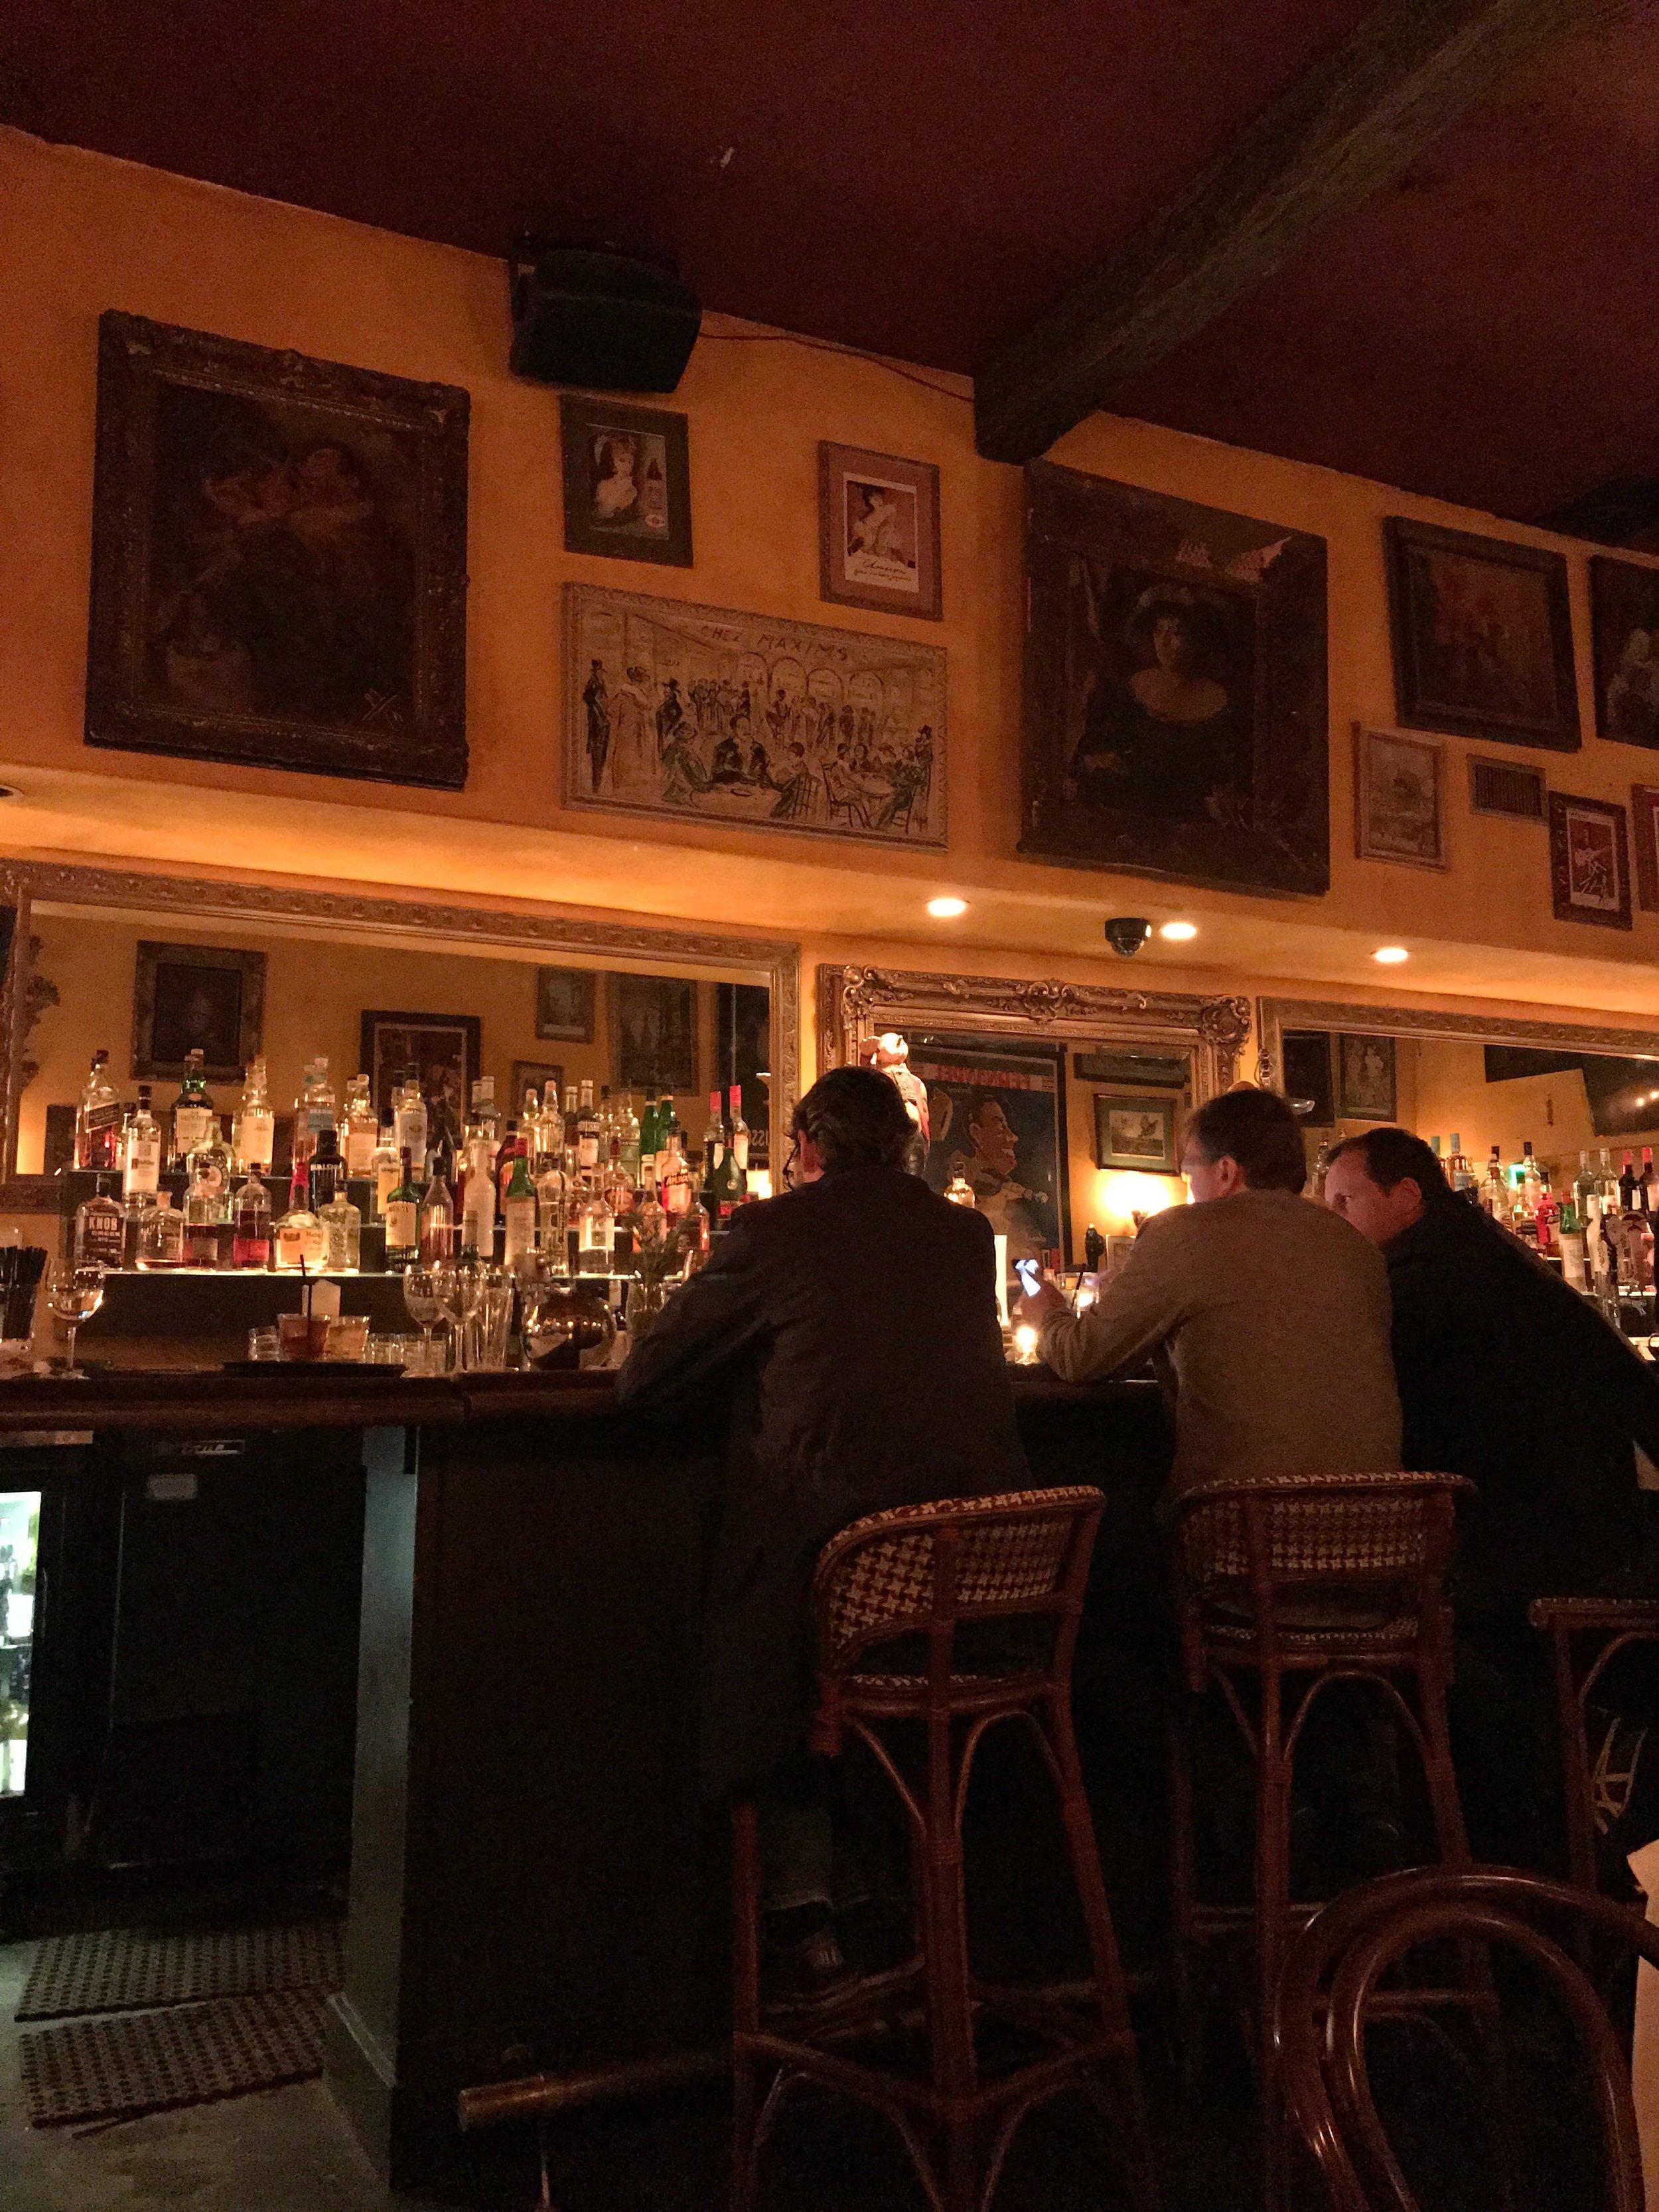 La Poubelle Bistro & Bar